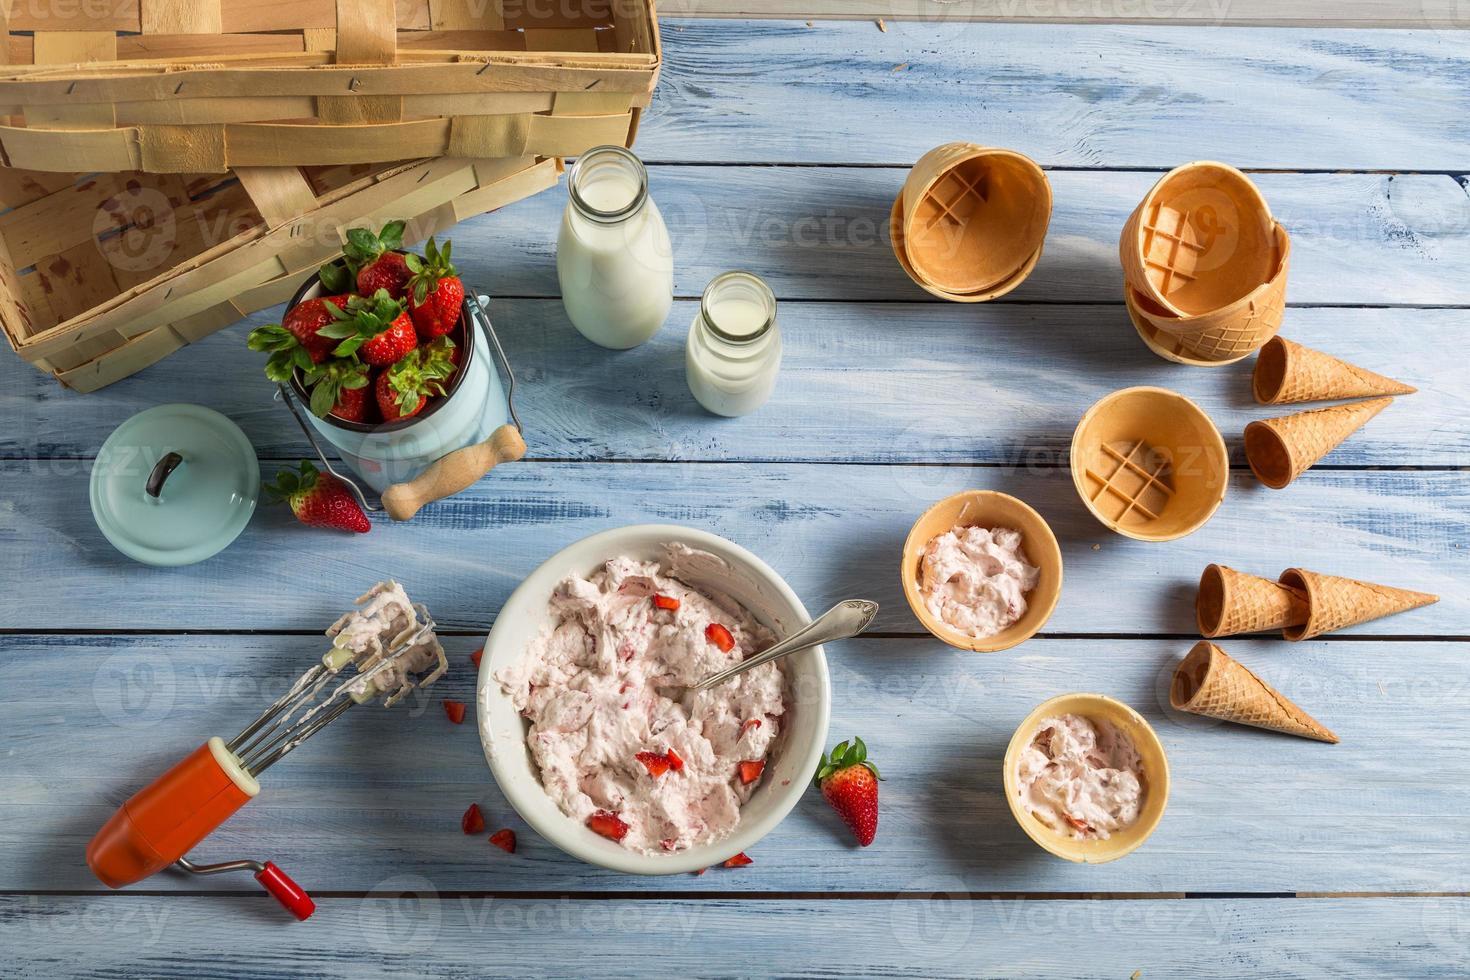 preparar helado casero de frutas foto